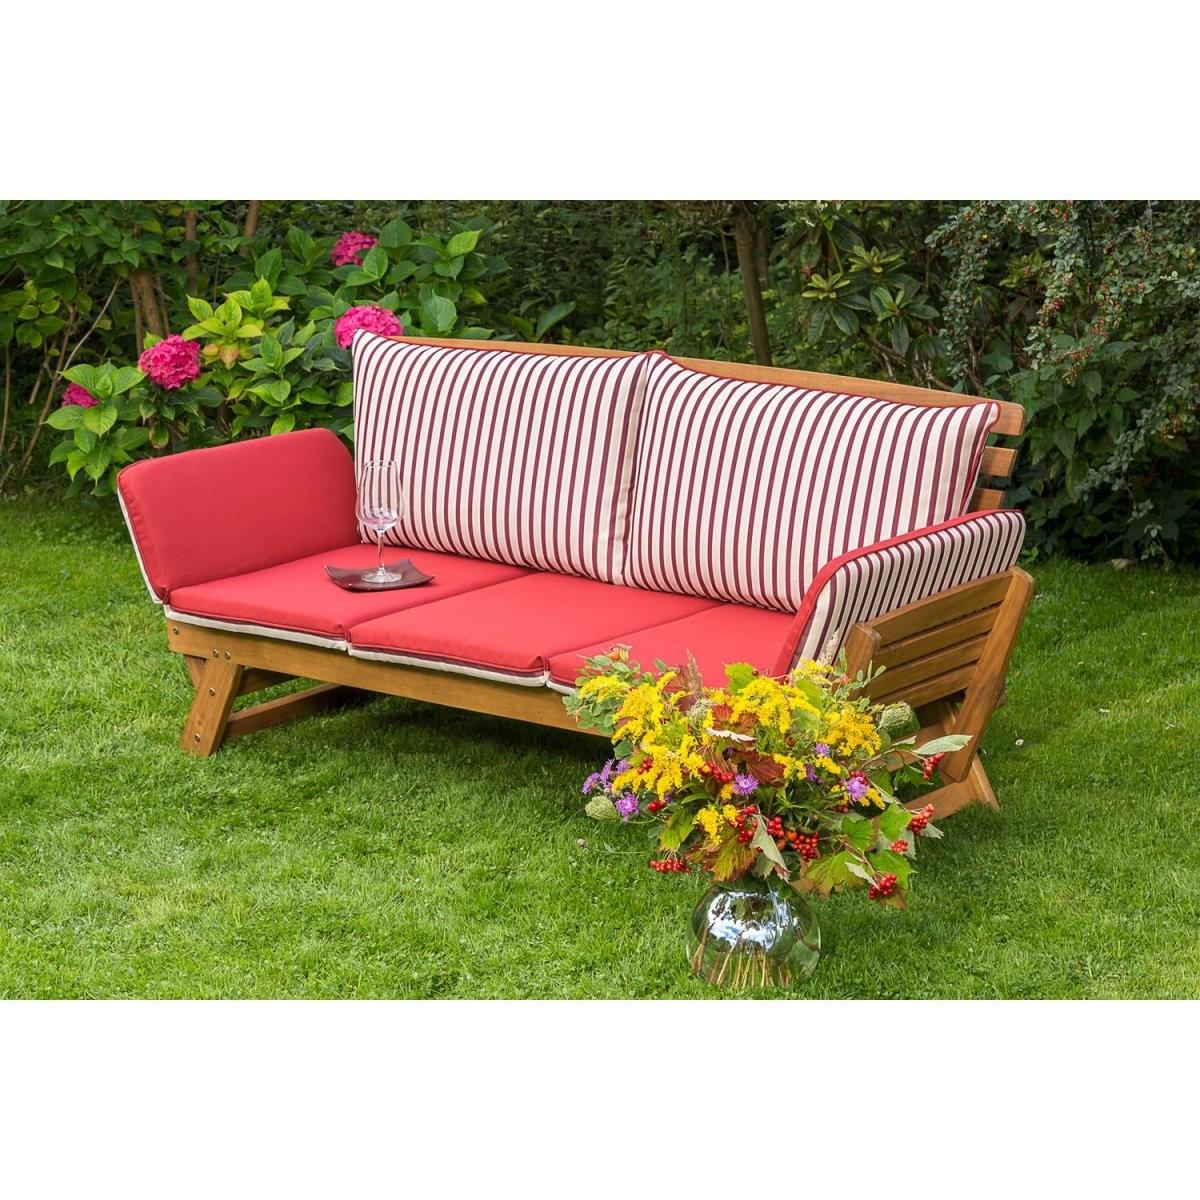 Gartenmöbel Kaufen  In Großer Auswahl Bei Obi von Rattan Gartenmöbel Dänisches Bettenlager Bild